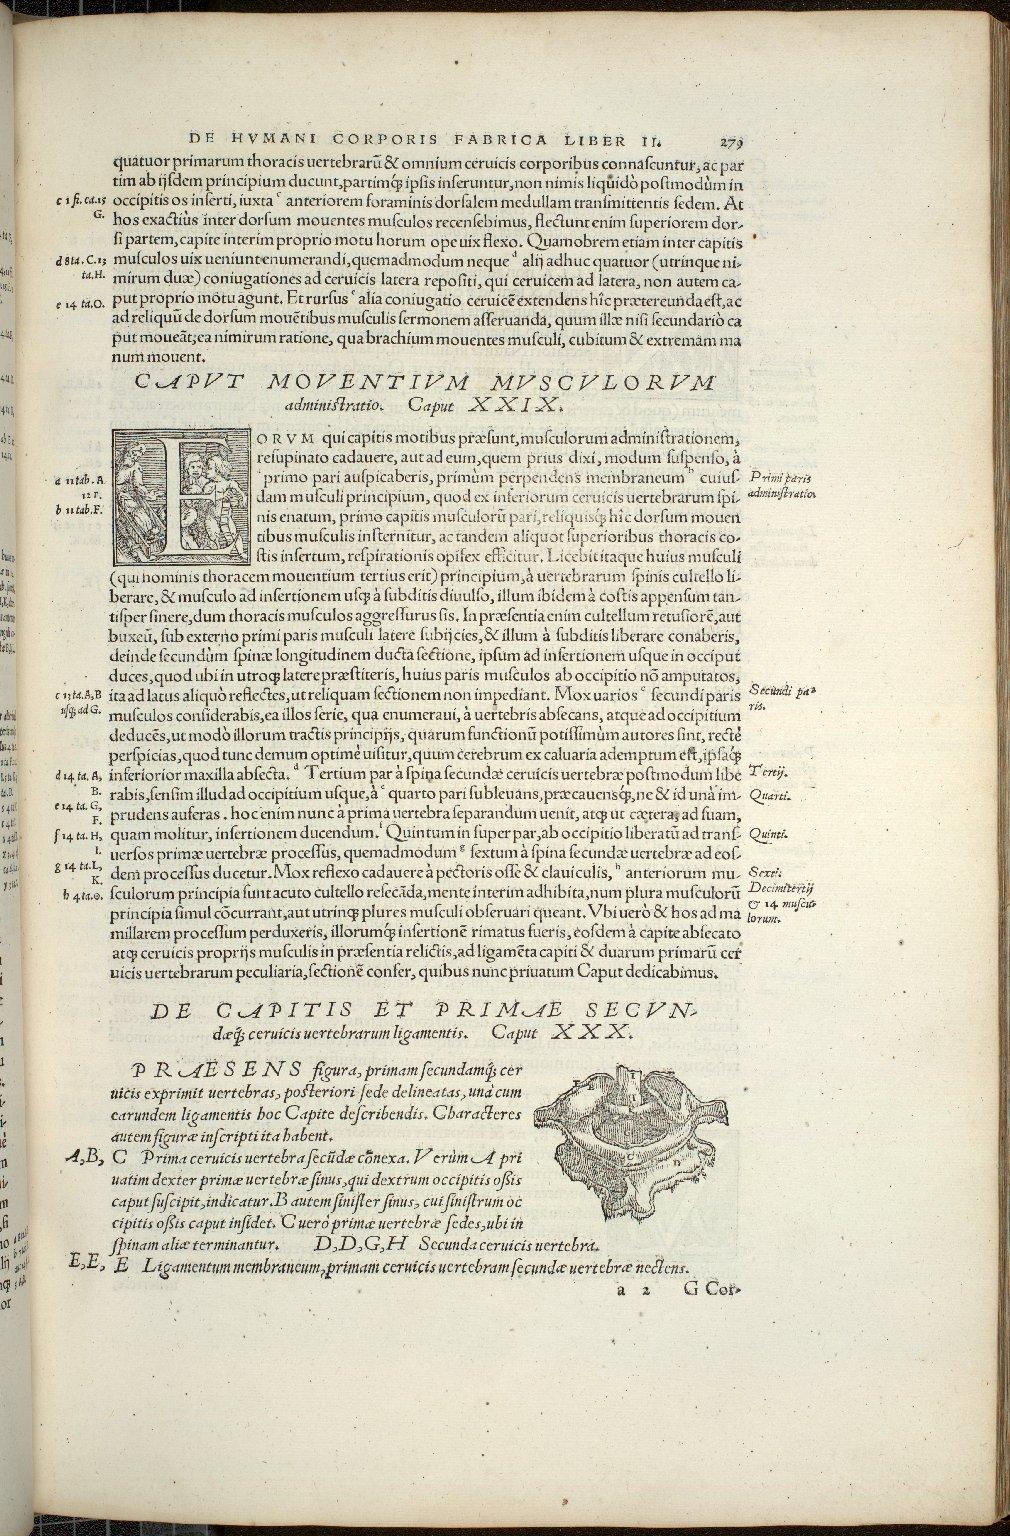 De Capitis et Primae Secundaeq cervicis vertebrarum ligamentis. Caput XXX.